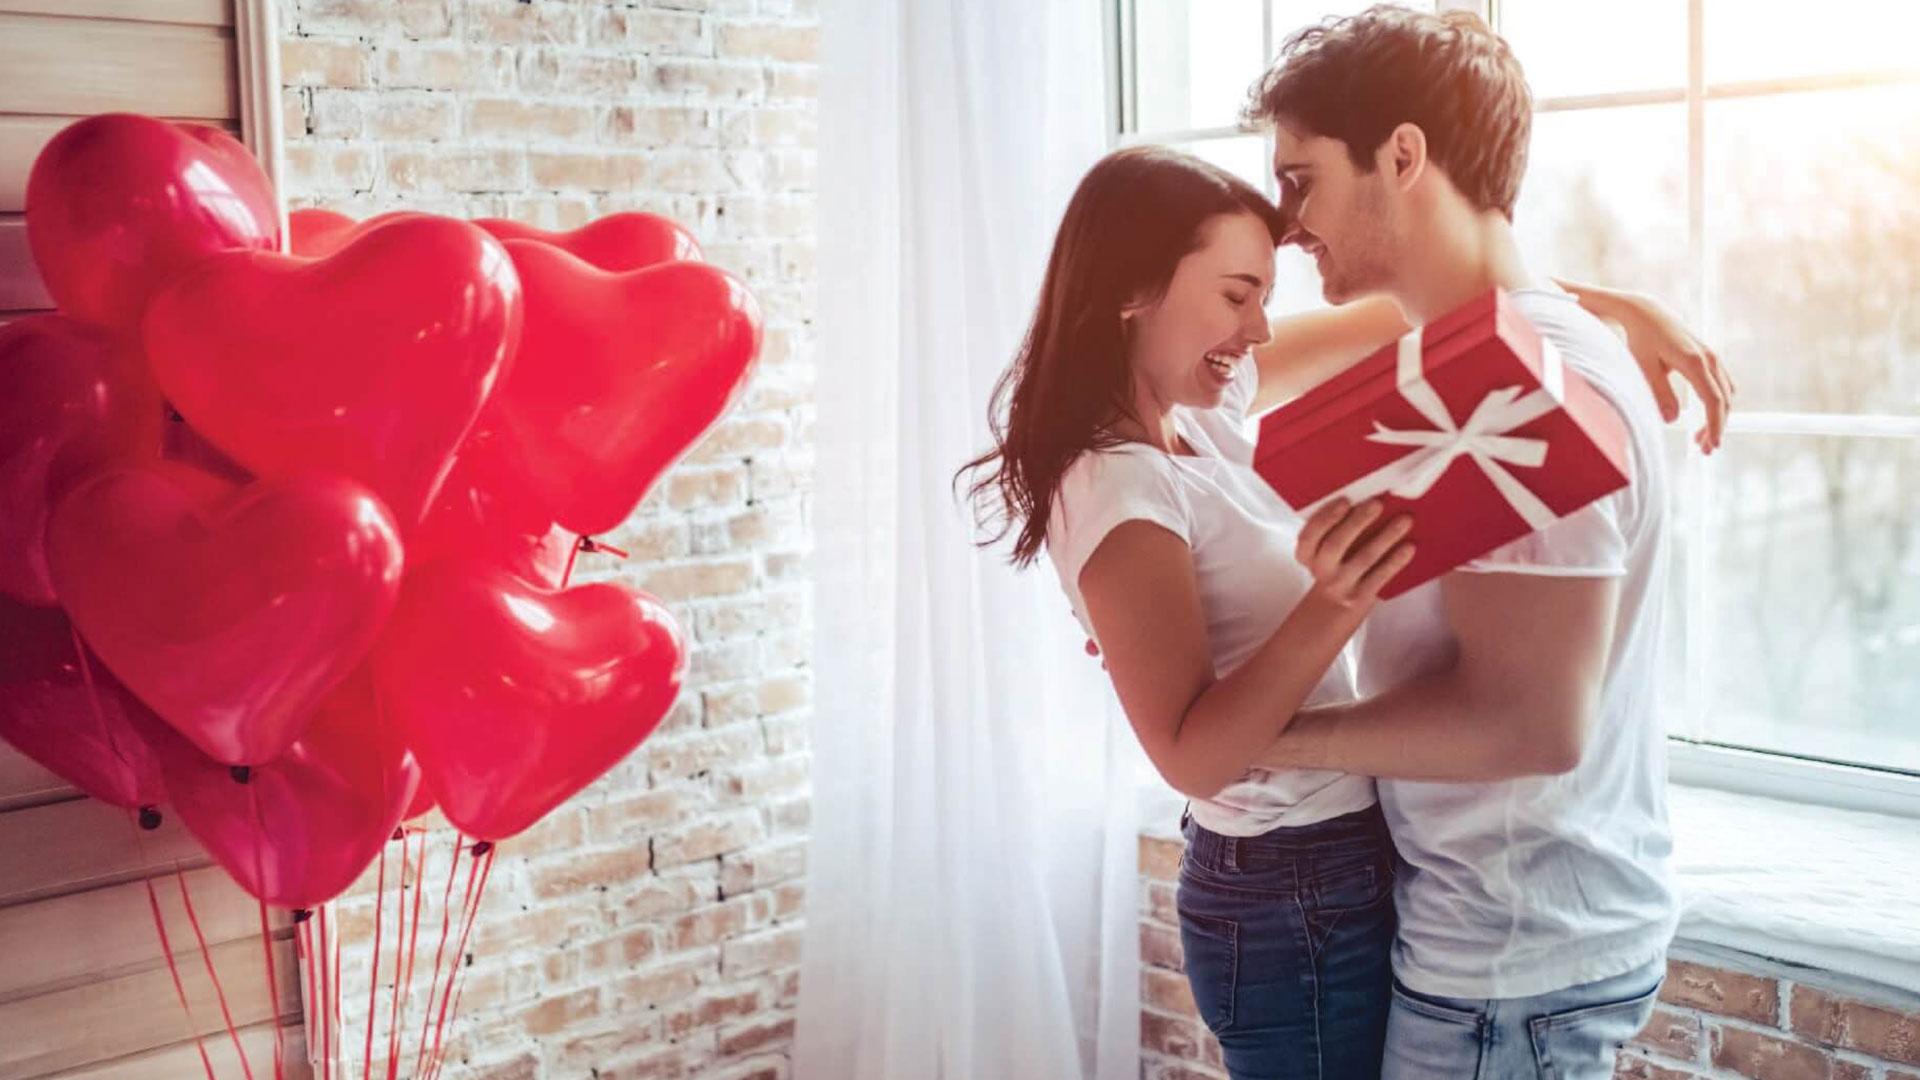 Stavi pensando ad un regalo originale per San Valentino?